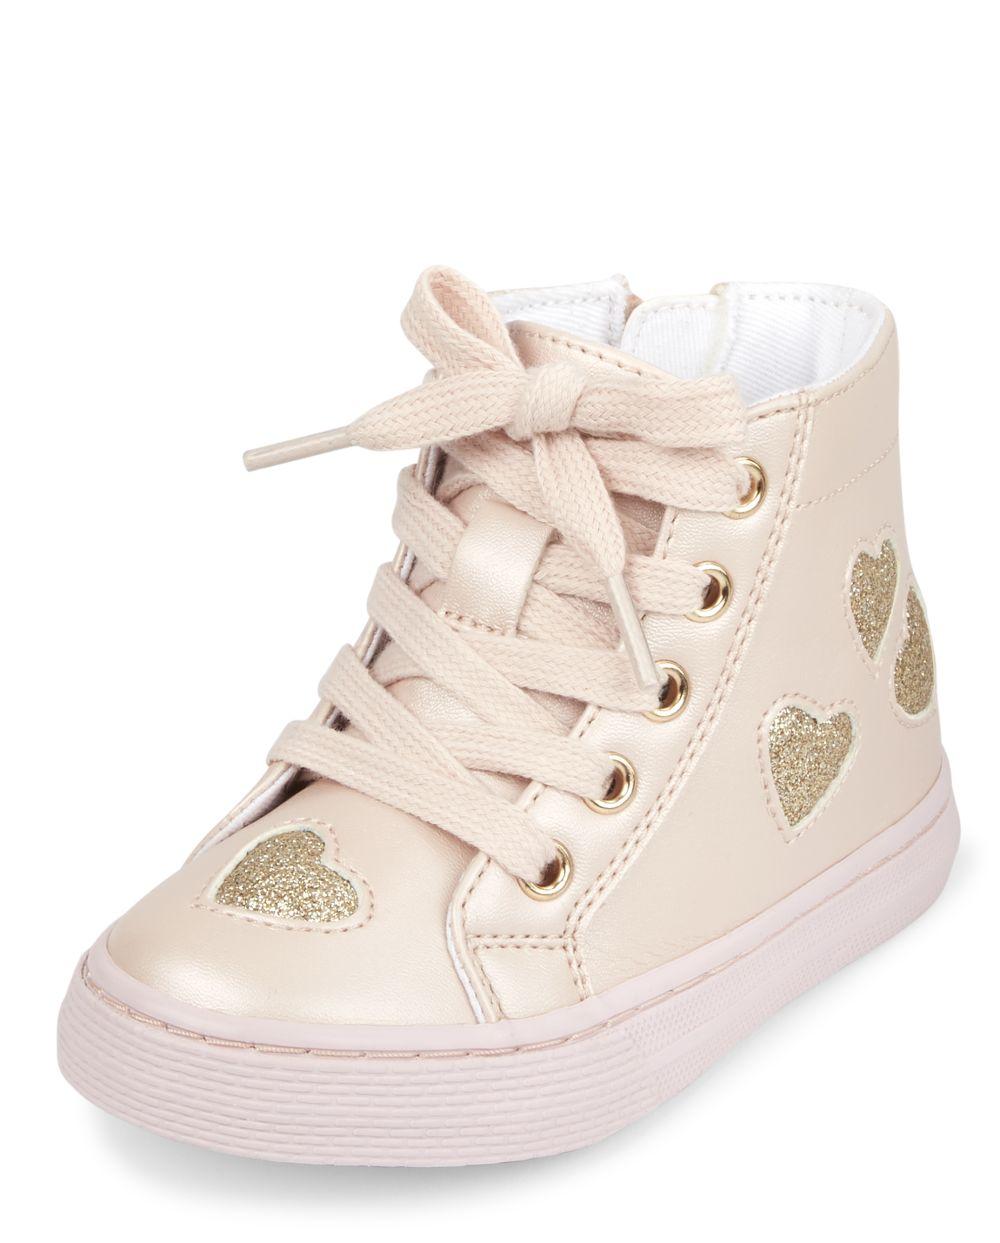 Zapatillas altas con purpurina y corazones pequeños para niñas pequeñas